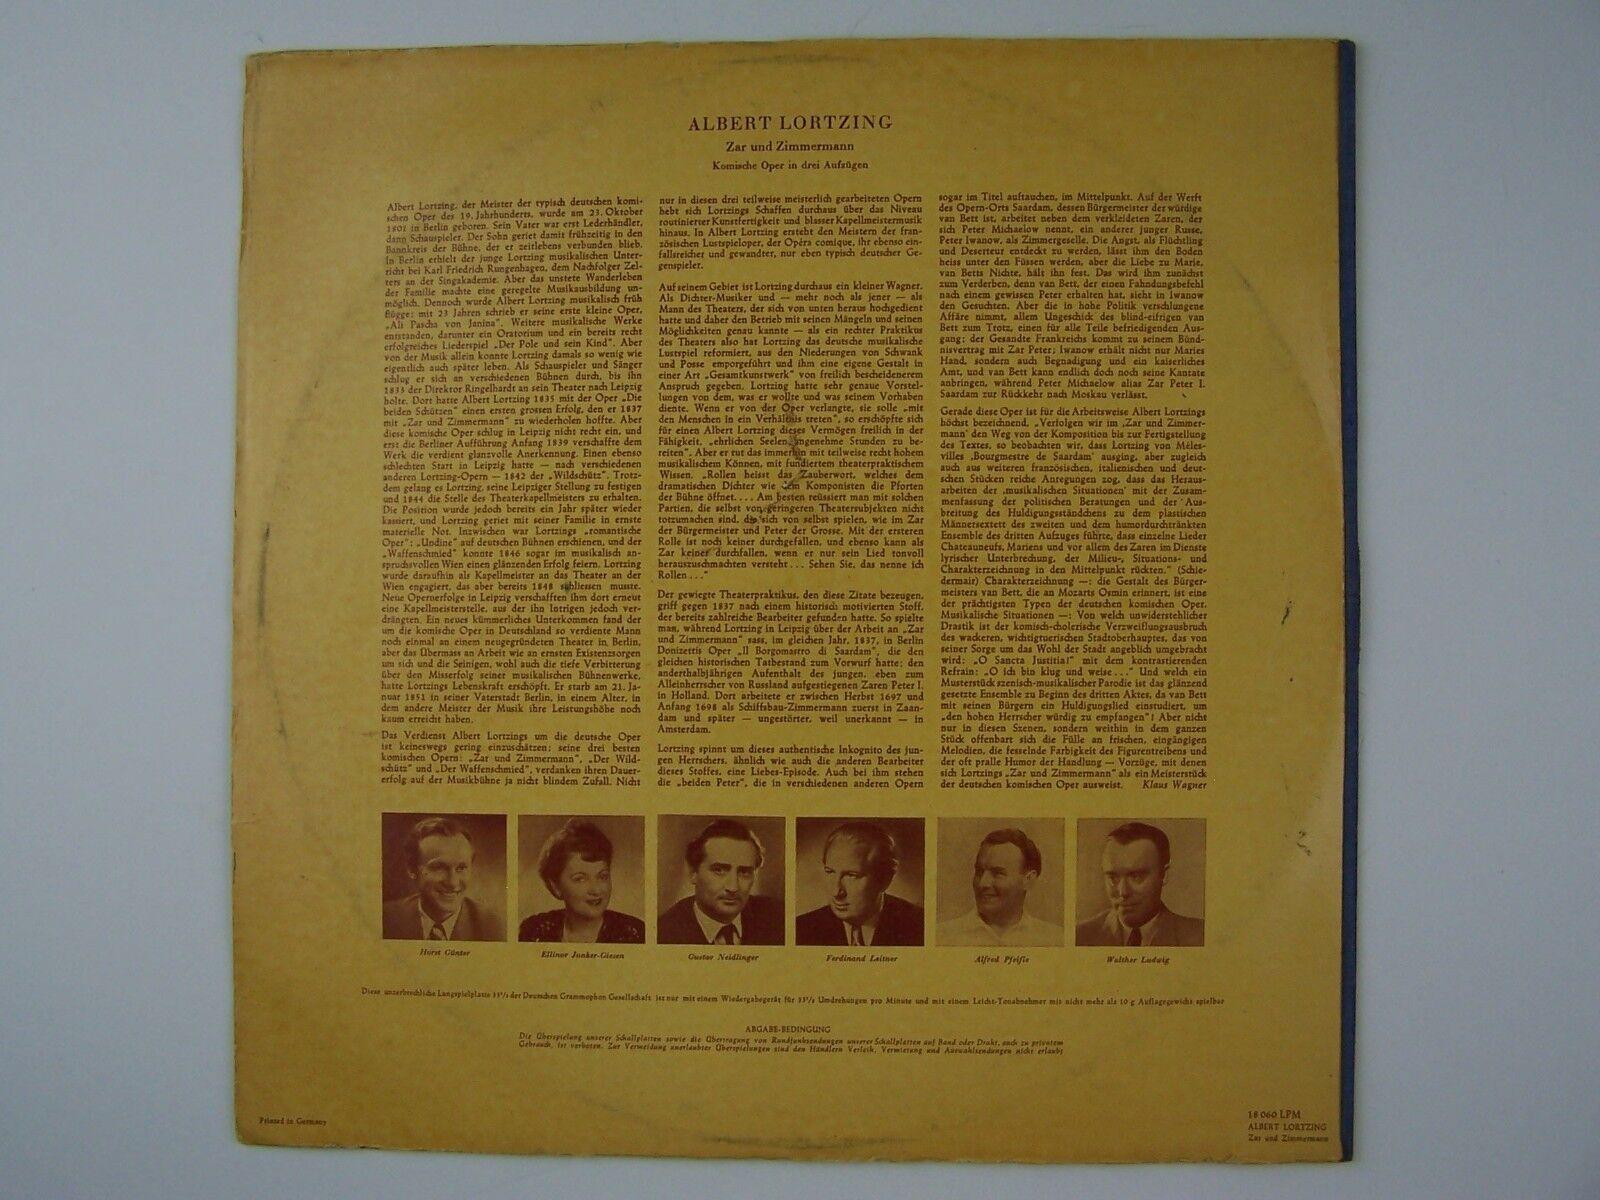 Albert Lortzing - Zar Und Zimmermann Vinyl LP Record Al